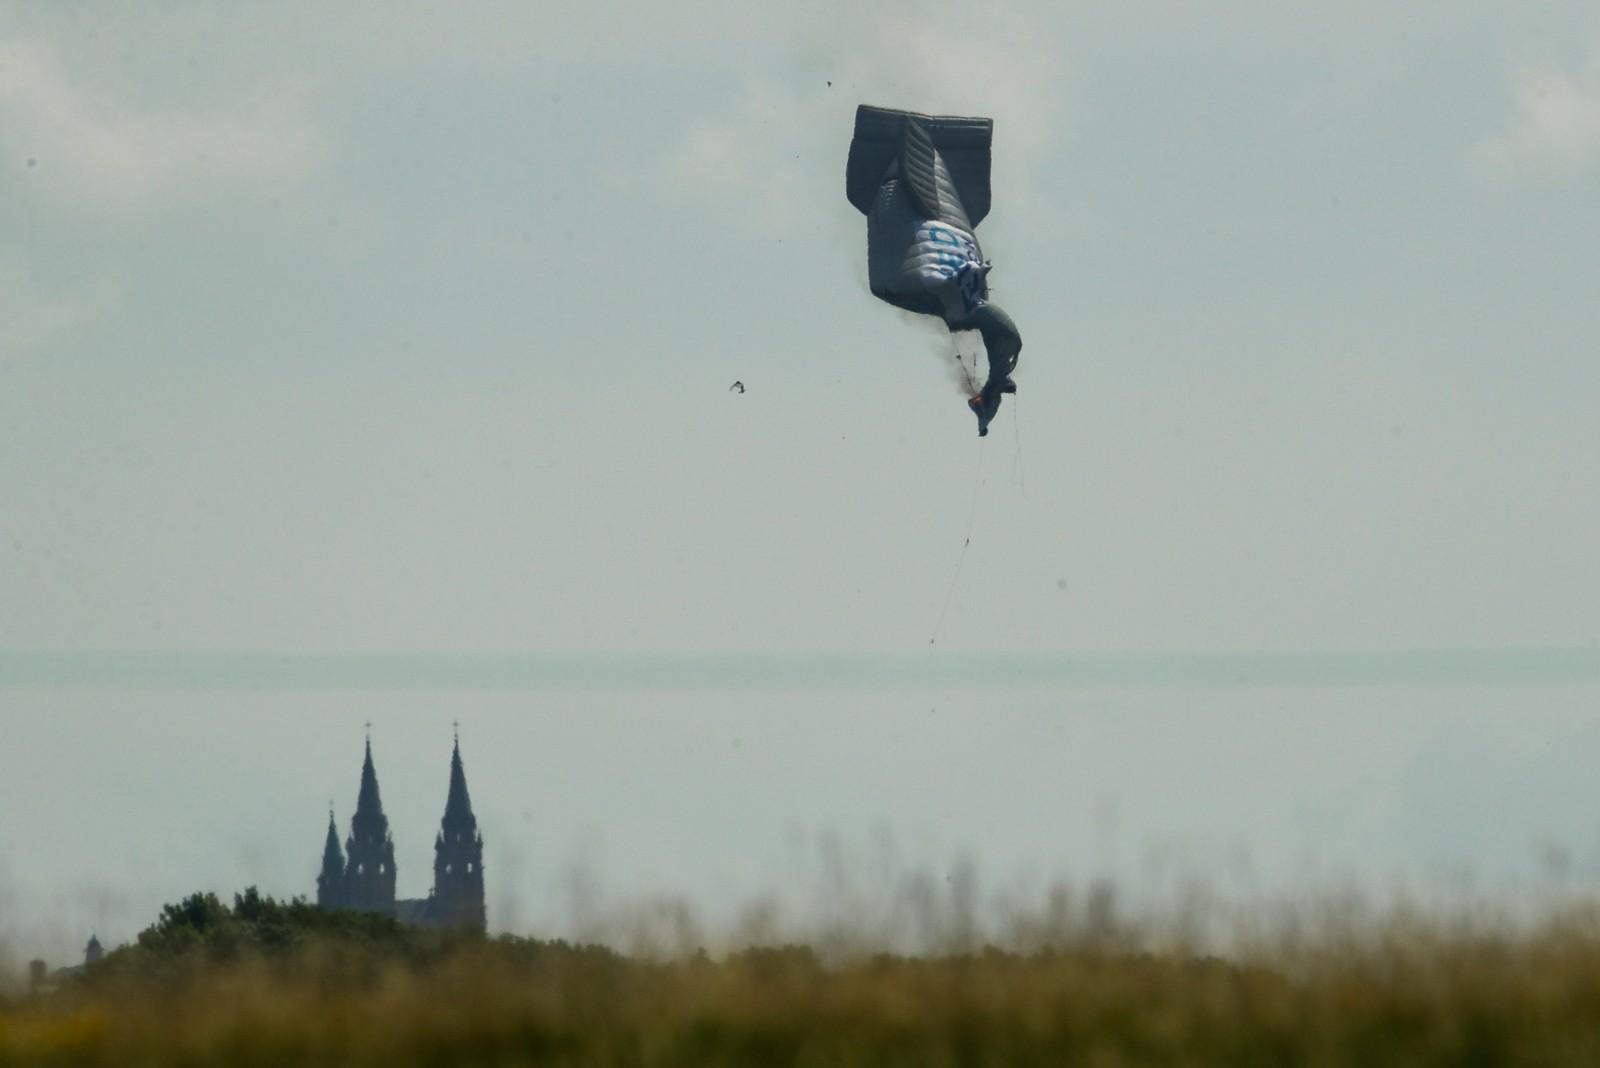 """""""Lufta"""" gikk ut av dette luftskipet under golfturneringen US Open denne uka. Luftskipet viste reklame på himmelen over """"green-en"""" da ulykka skjedde. Piloten skal ha kommet fra hendelsen uten skader."""